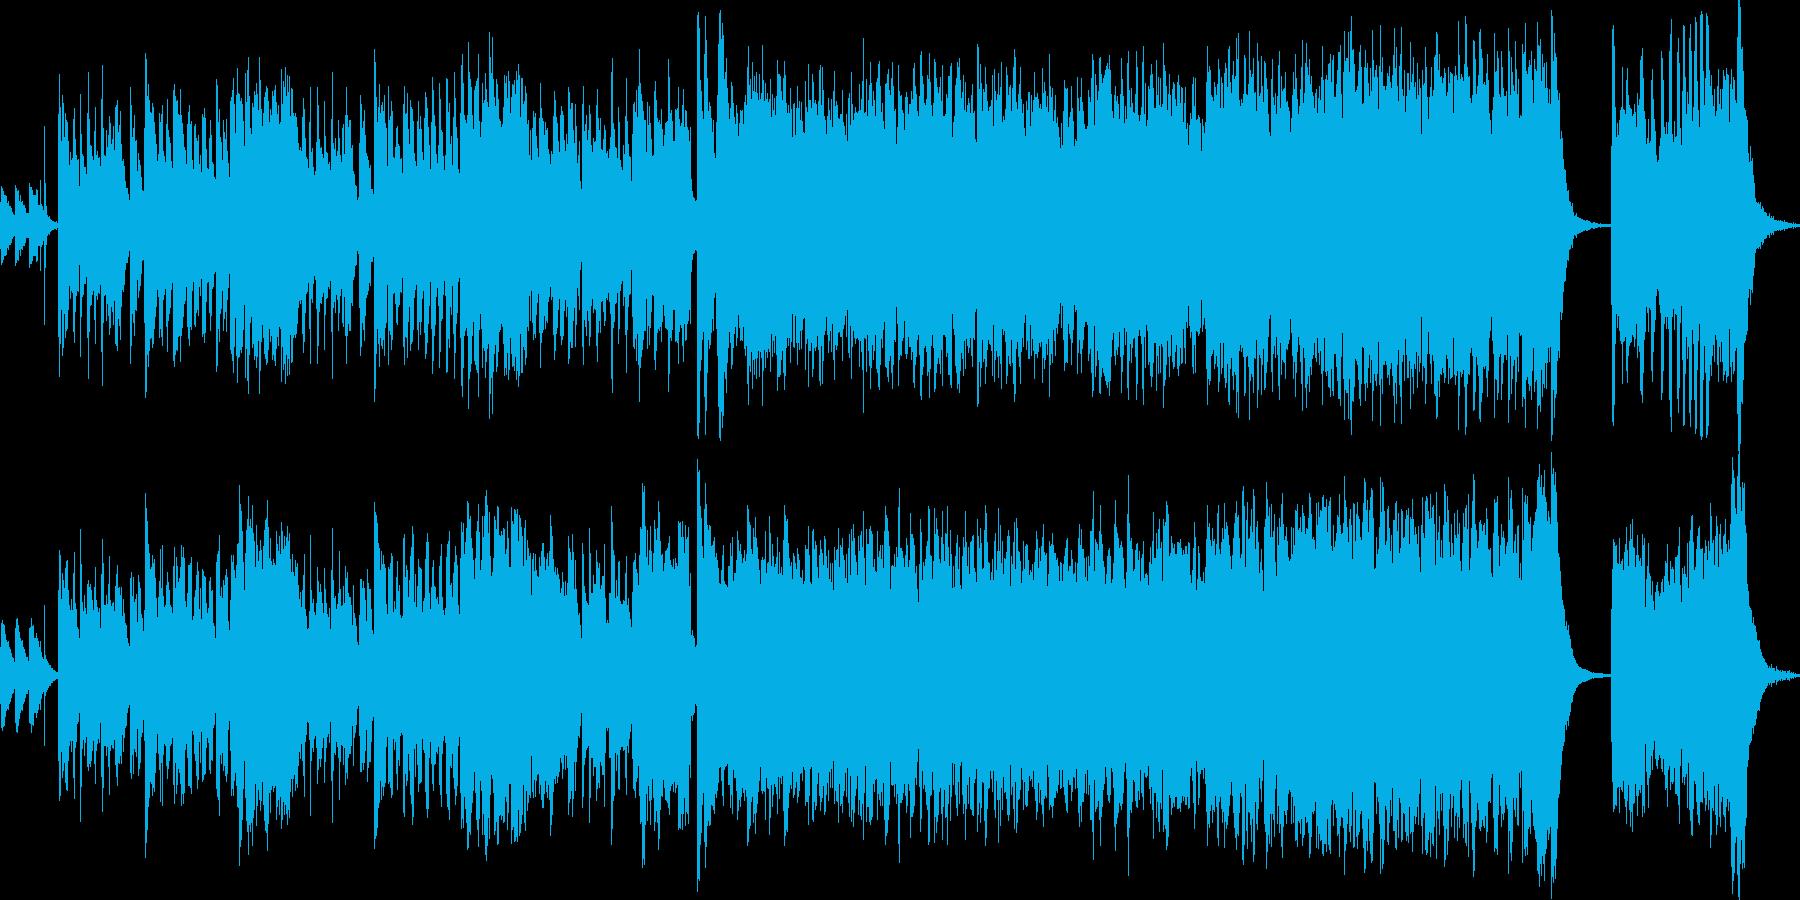 和楽器をメインにした、軽快で楽しい楽曲の再生済みの波形